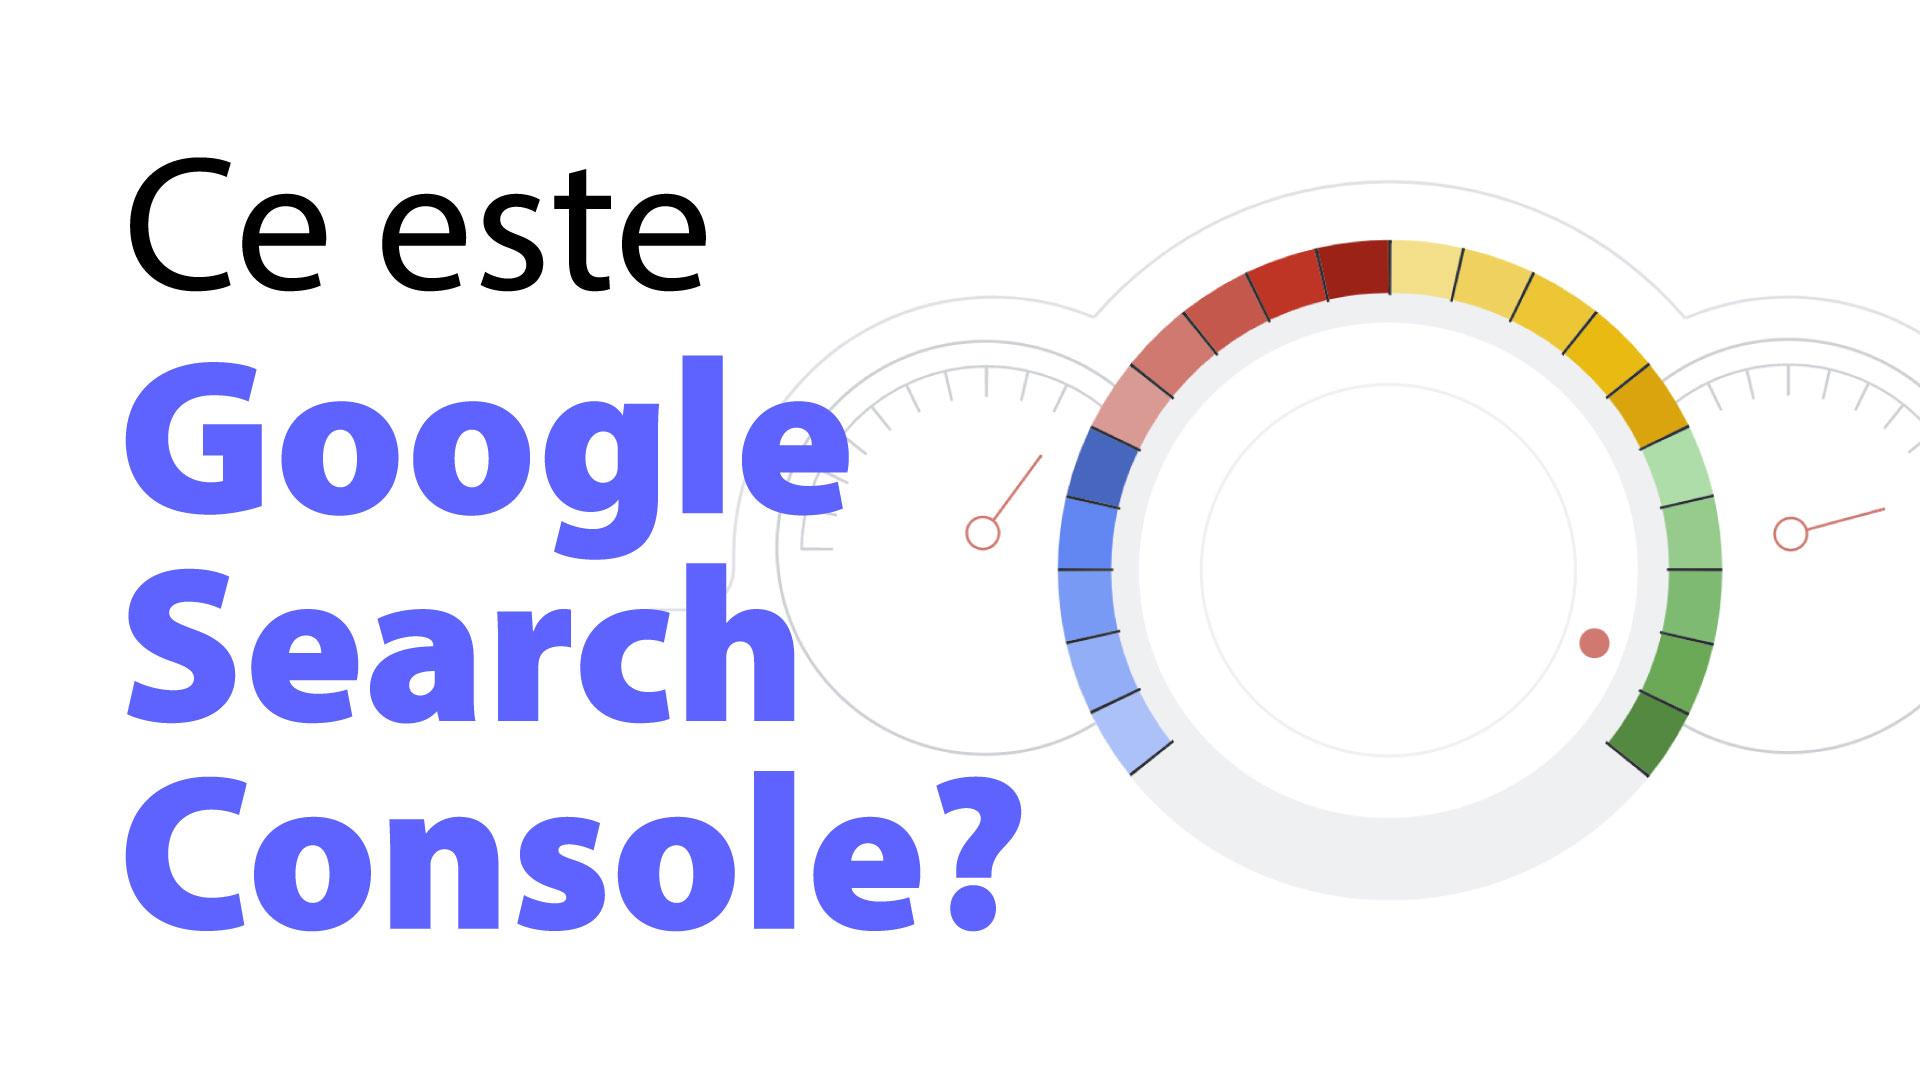 Ce este Google Search Console și la ce mă ajută în optimizarea SEO?